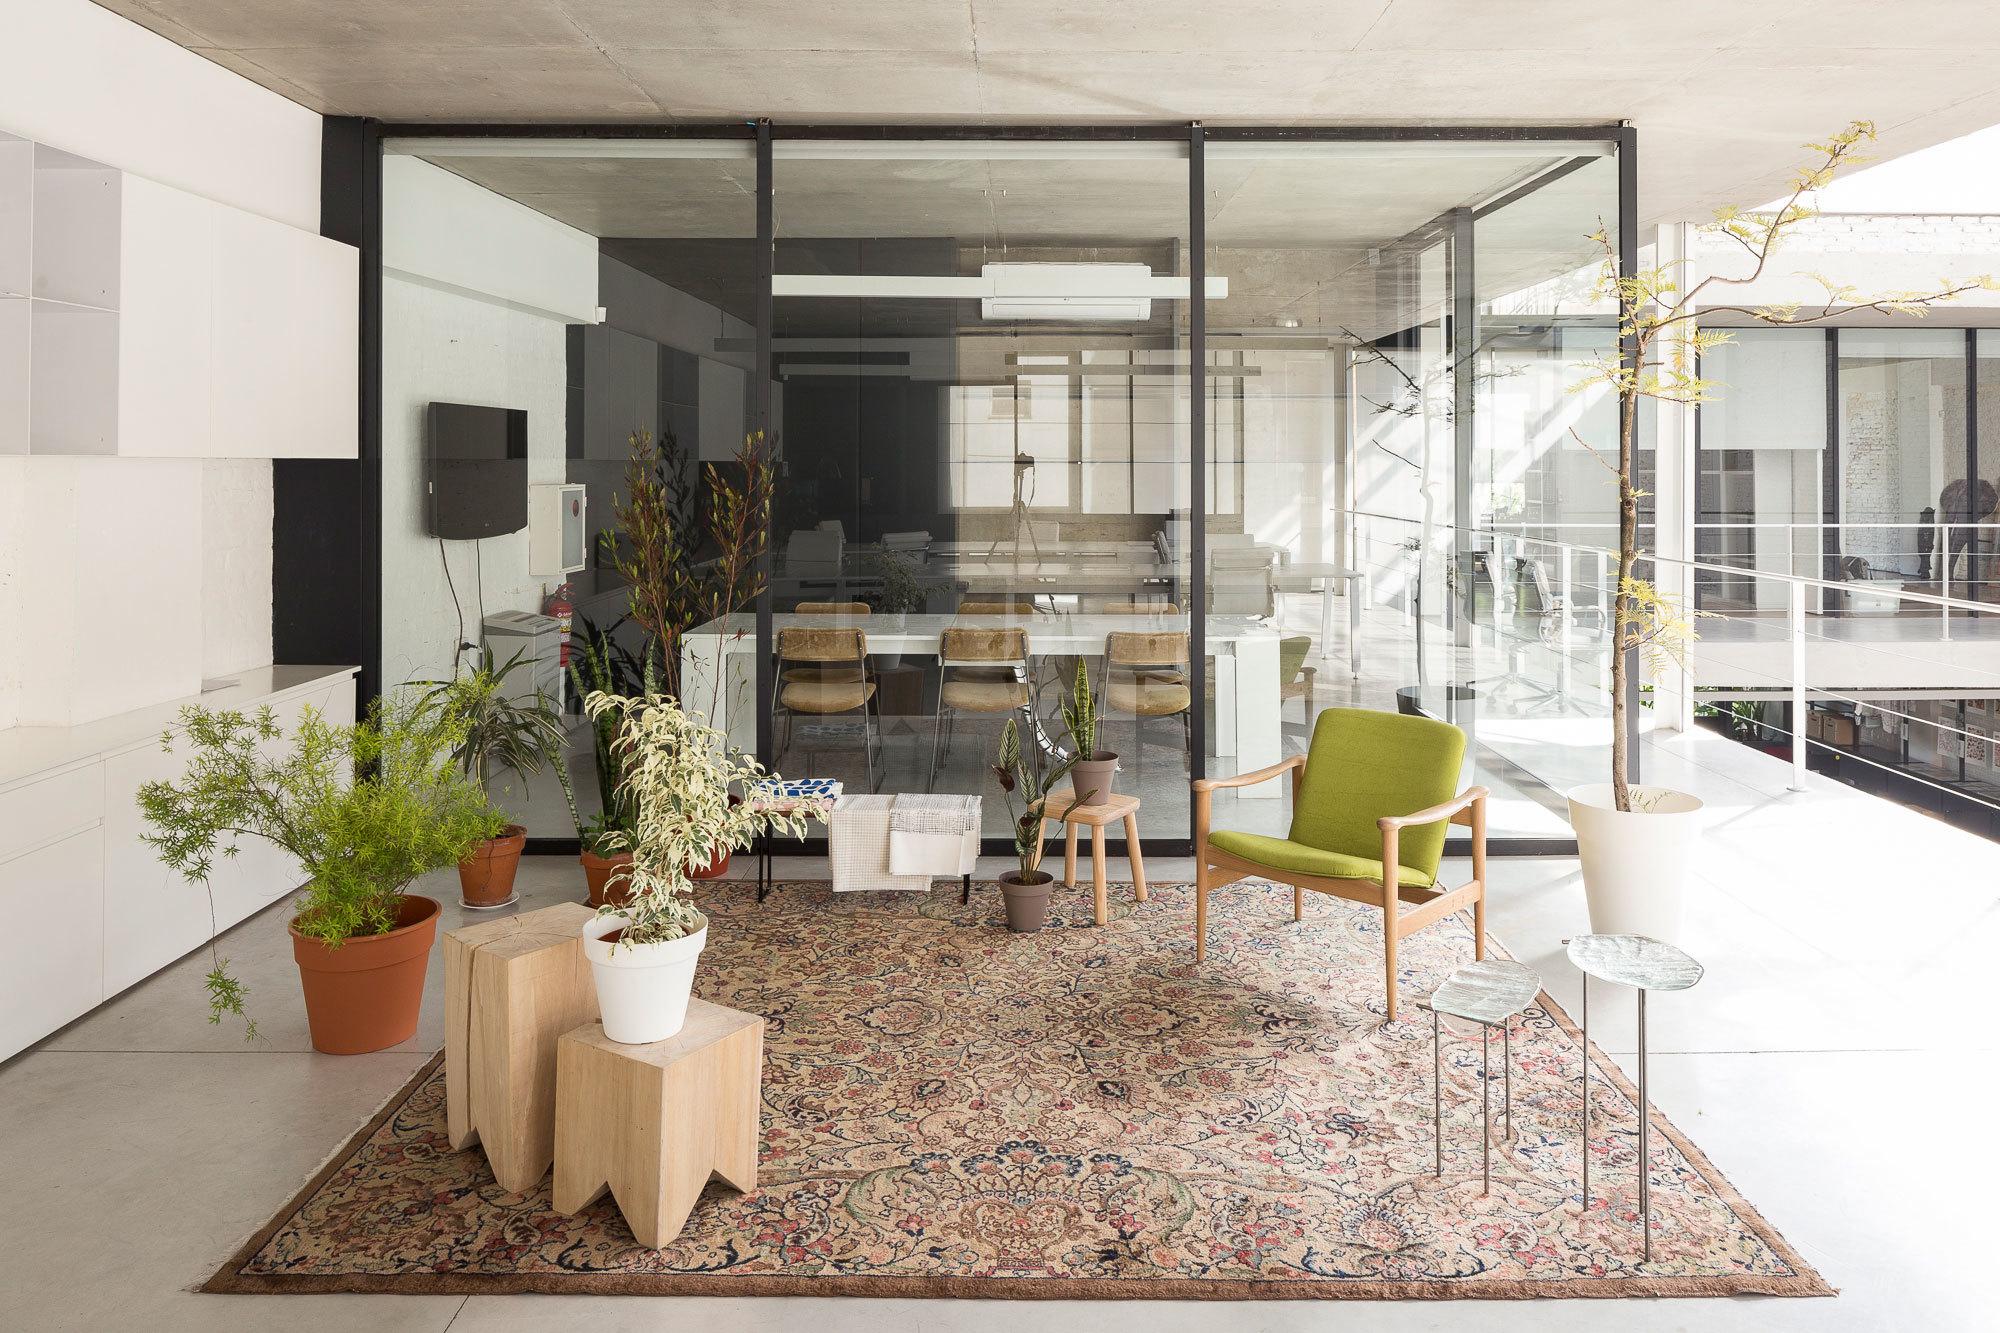 Transparente Wände trennen Besprechungsräume und Büros.